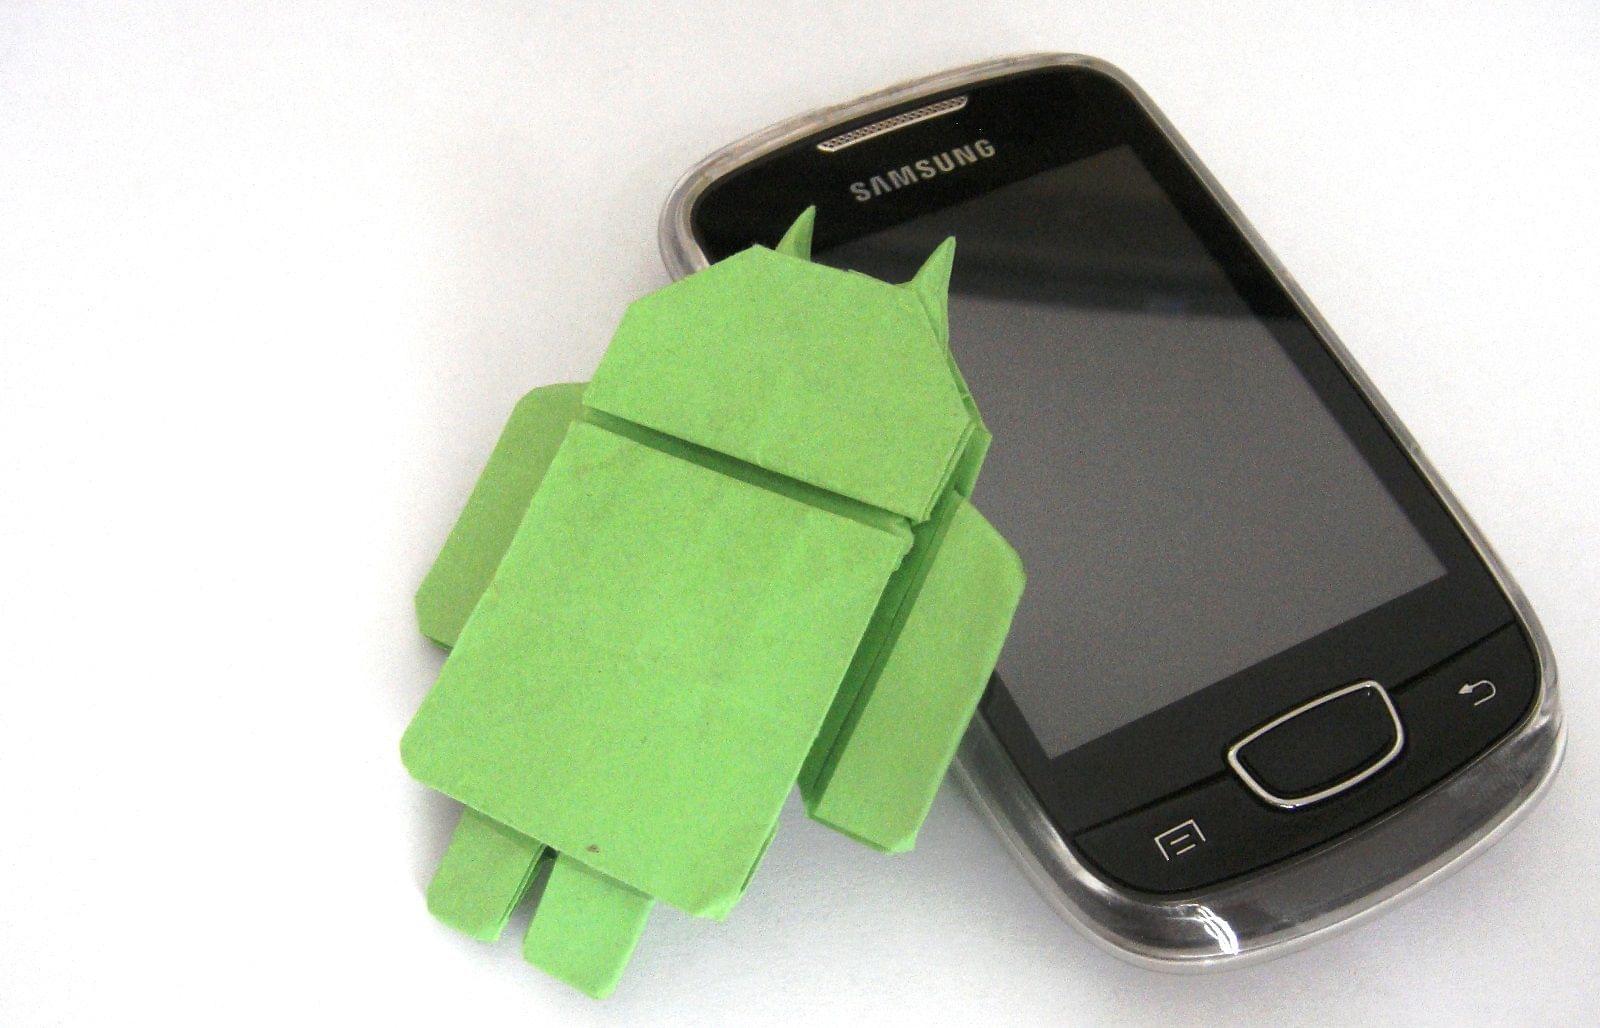 Keylogger Iphone Without Jailbreak